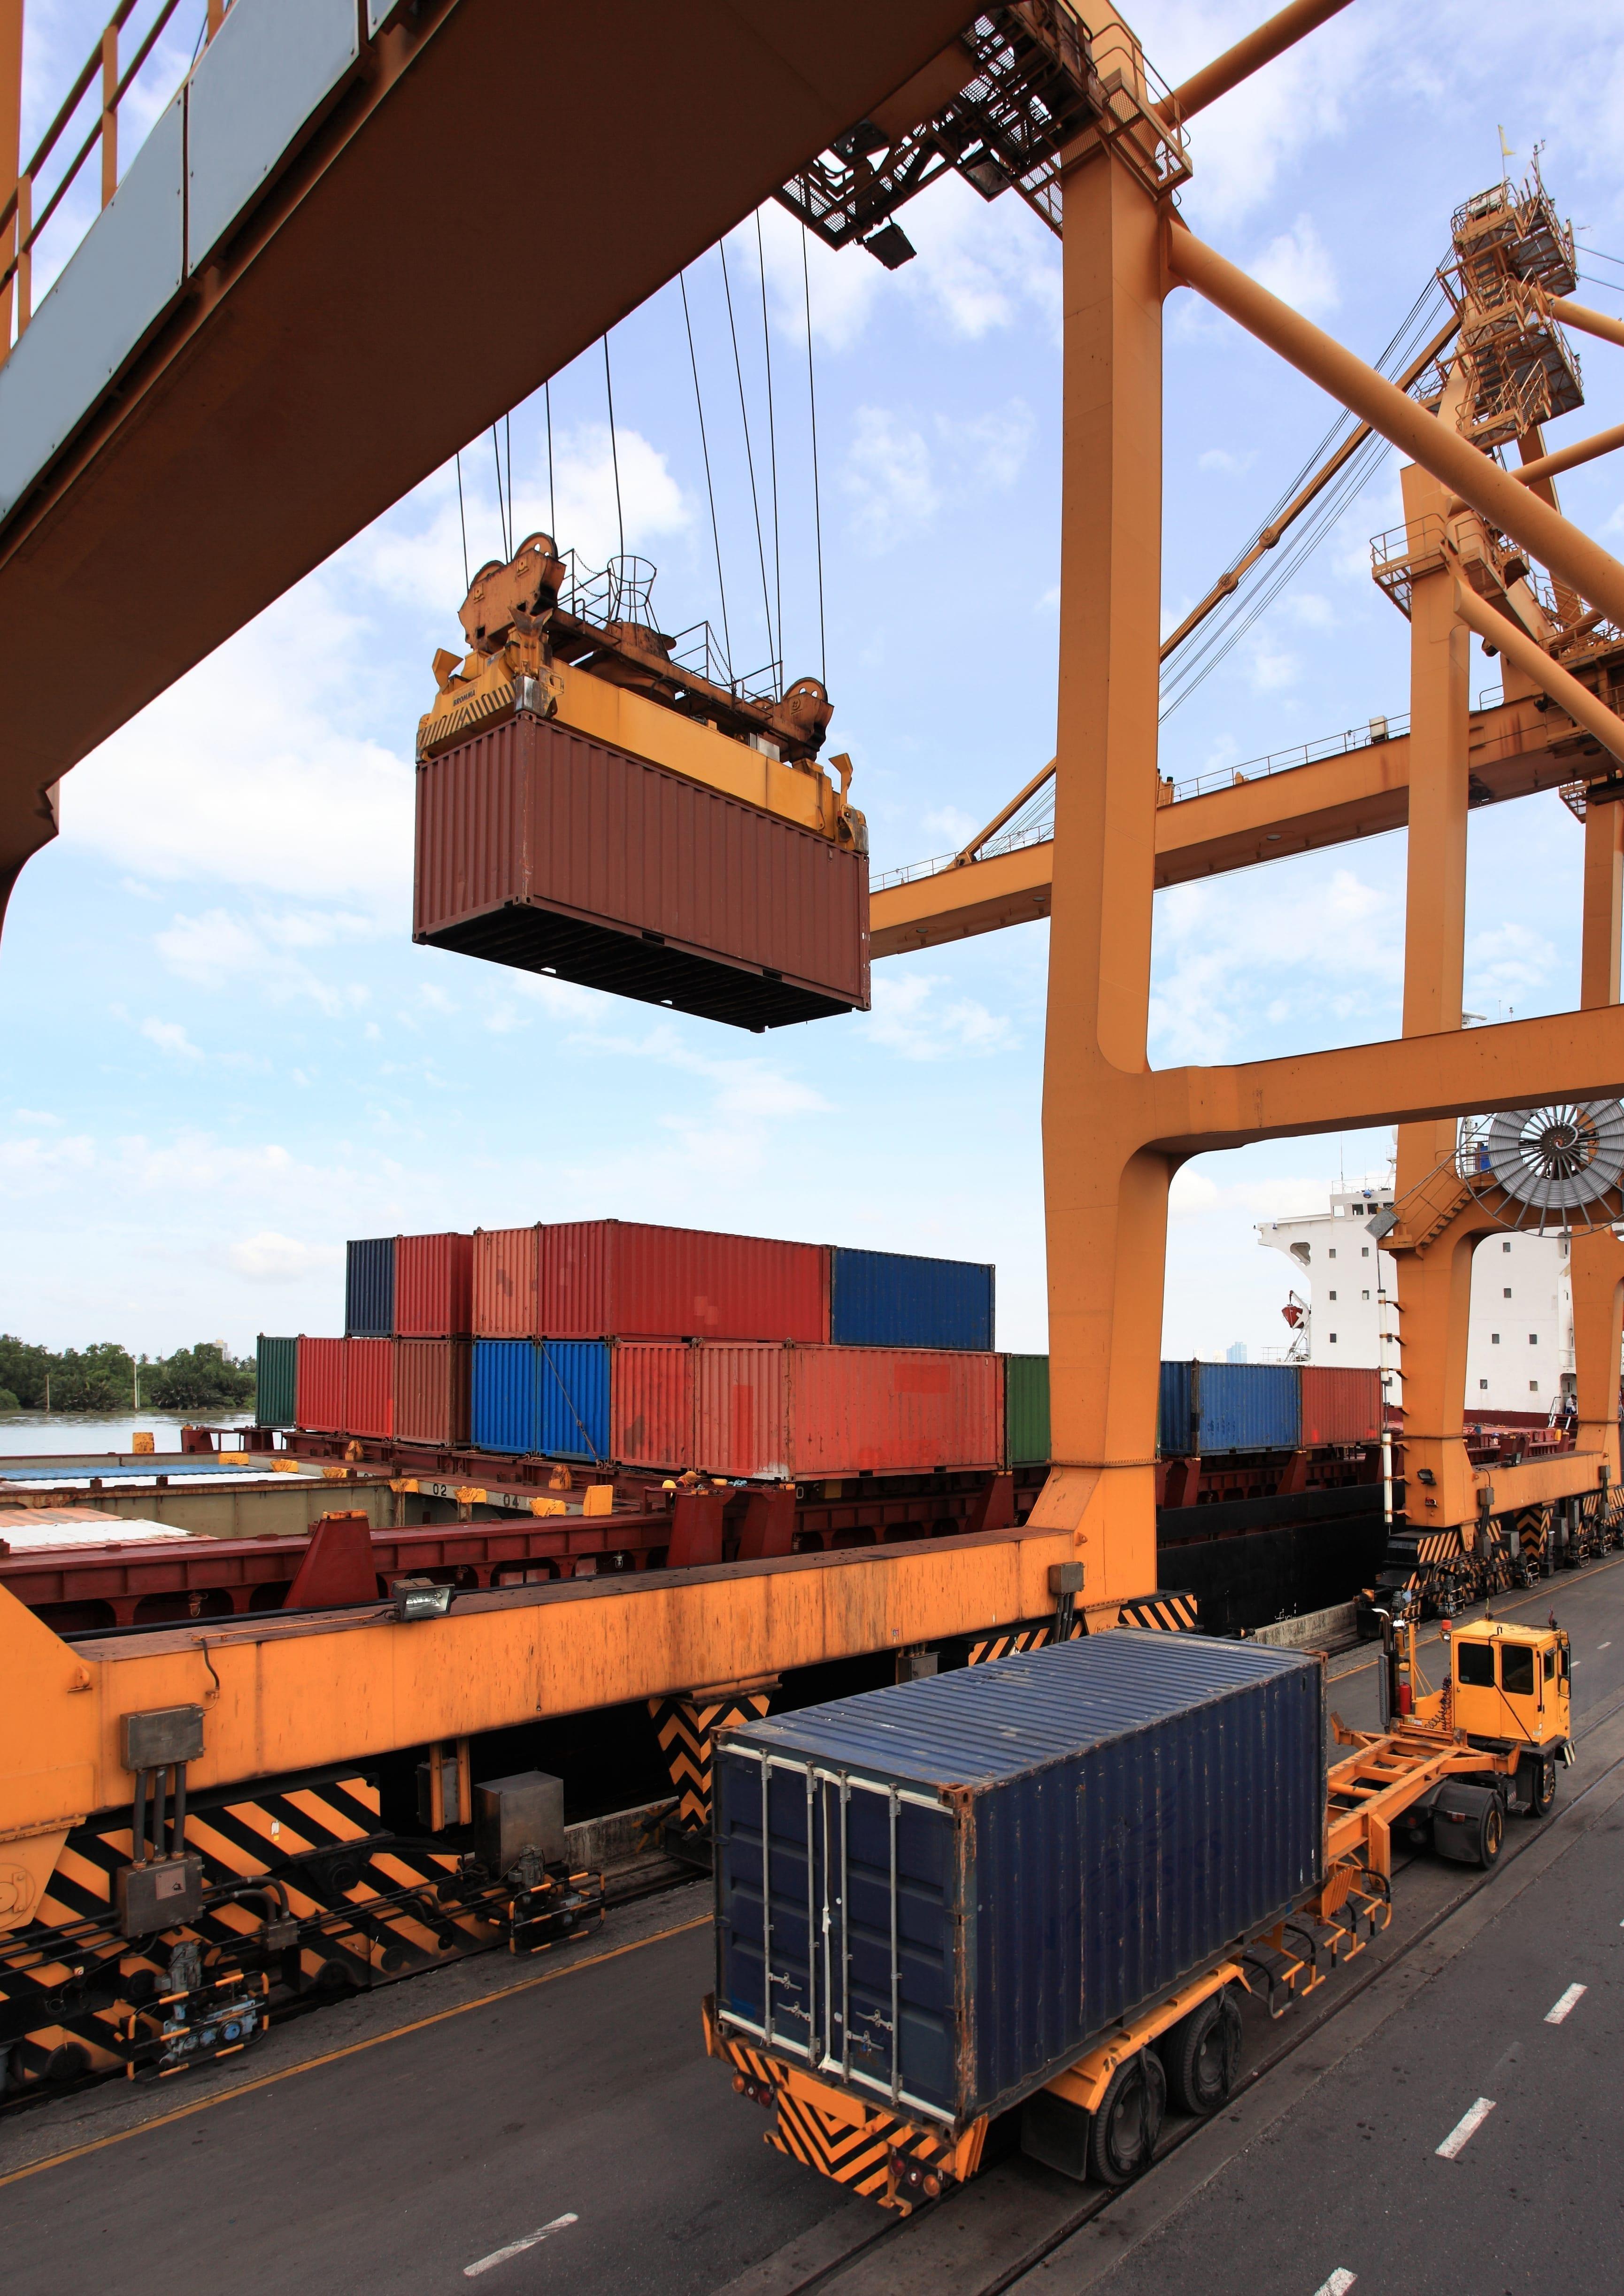 business logistics concept container cargo 1 - Piața spațiilor industriale și logistice din România, în competiția dezvoltării cu marii campioni regionali